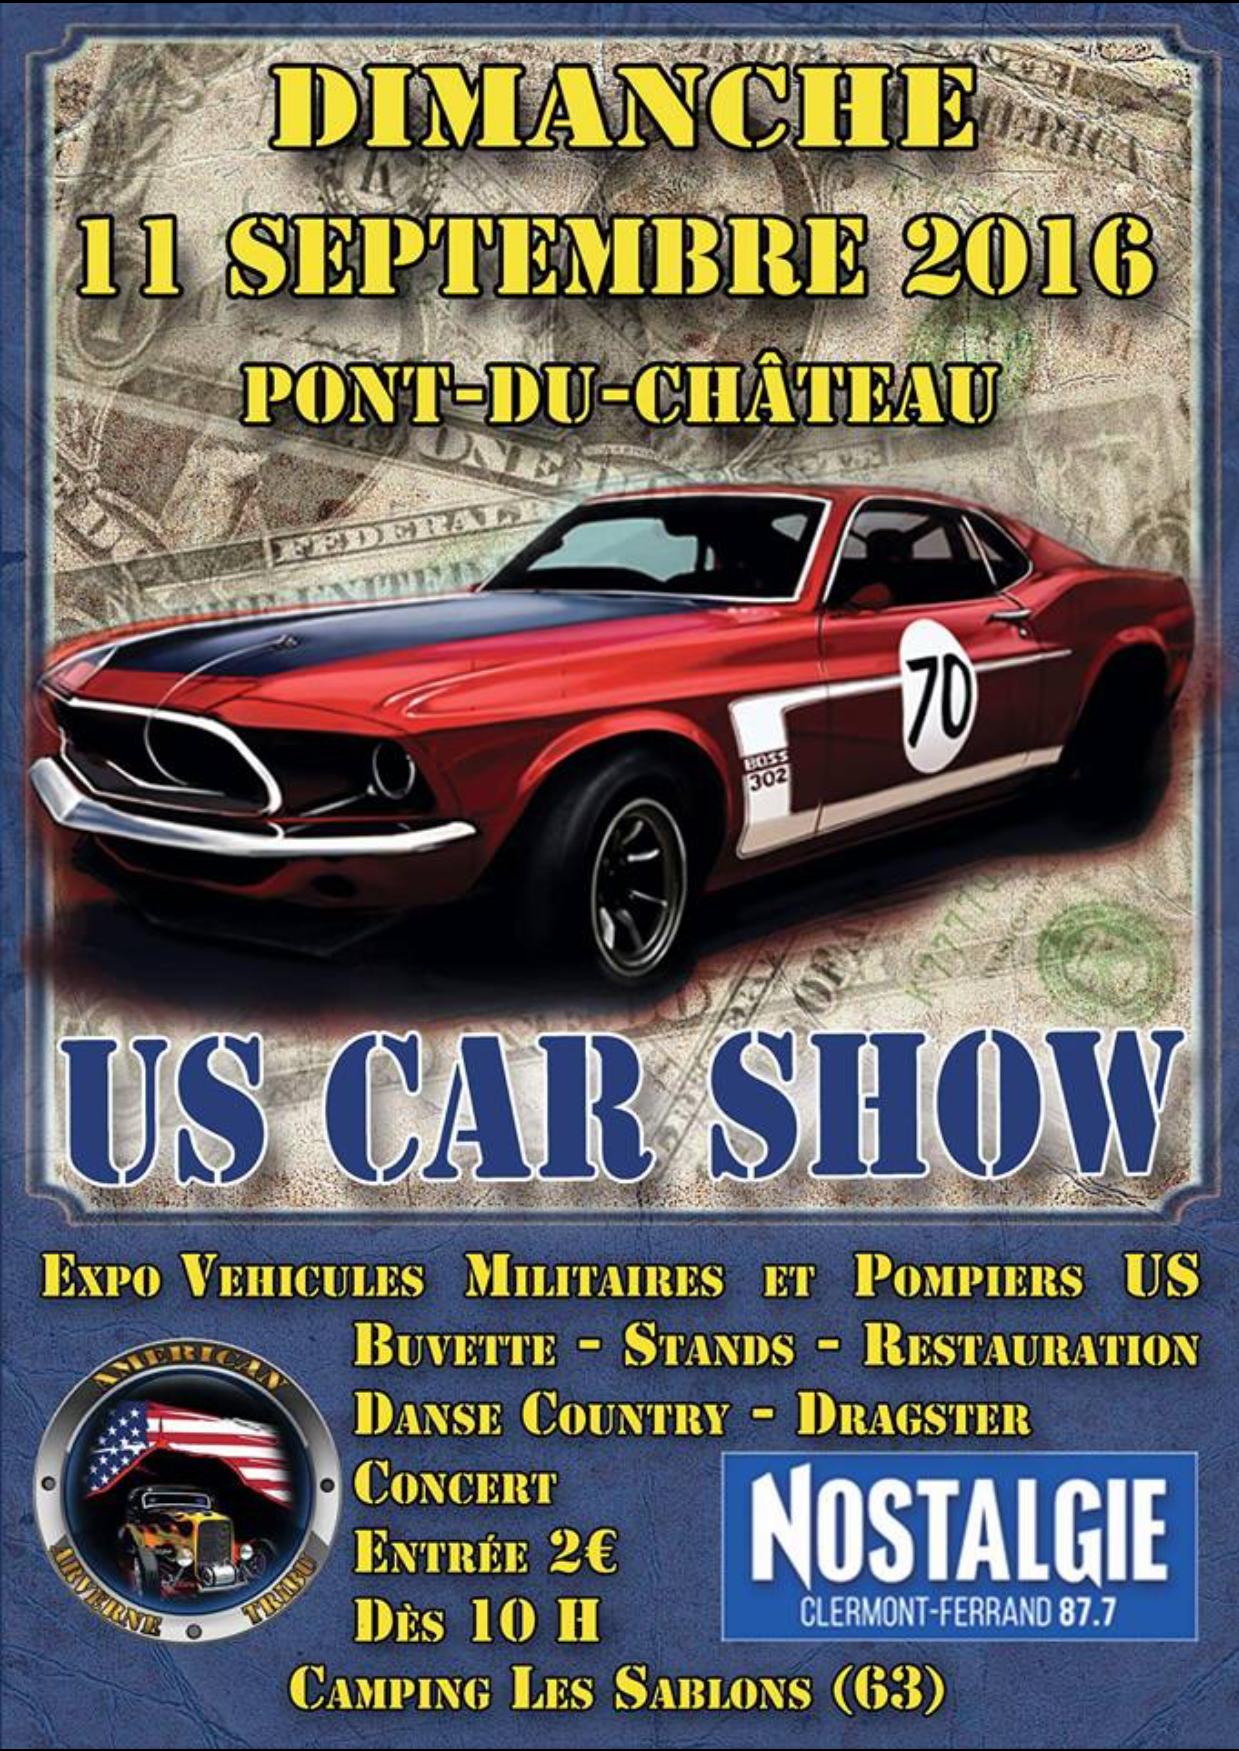 Exposition de véhicule militaire et américain le 11 septembre 2016 à Pont du Château (63)